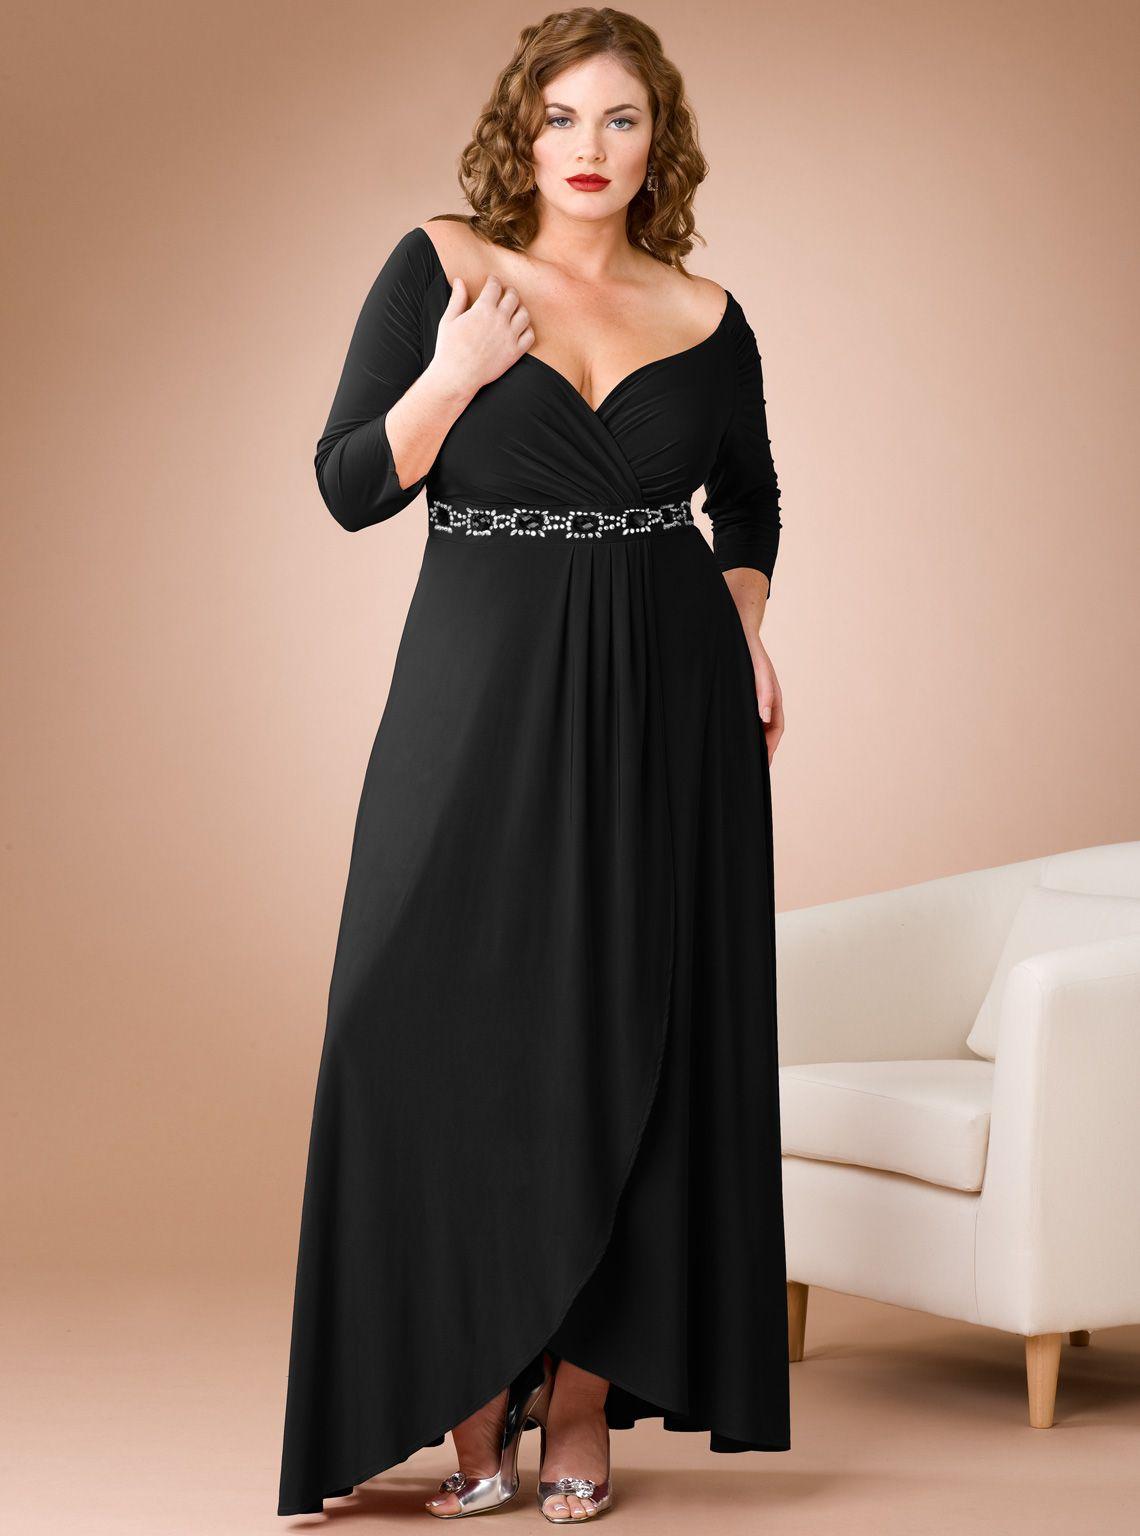 Plus Size Cocktail Dresses   ... dresses,plus size Formal wear,plus ...